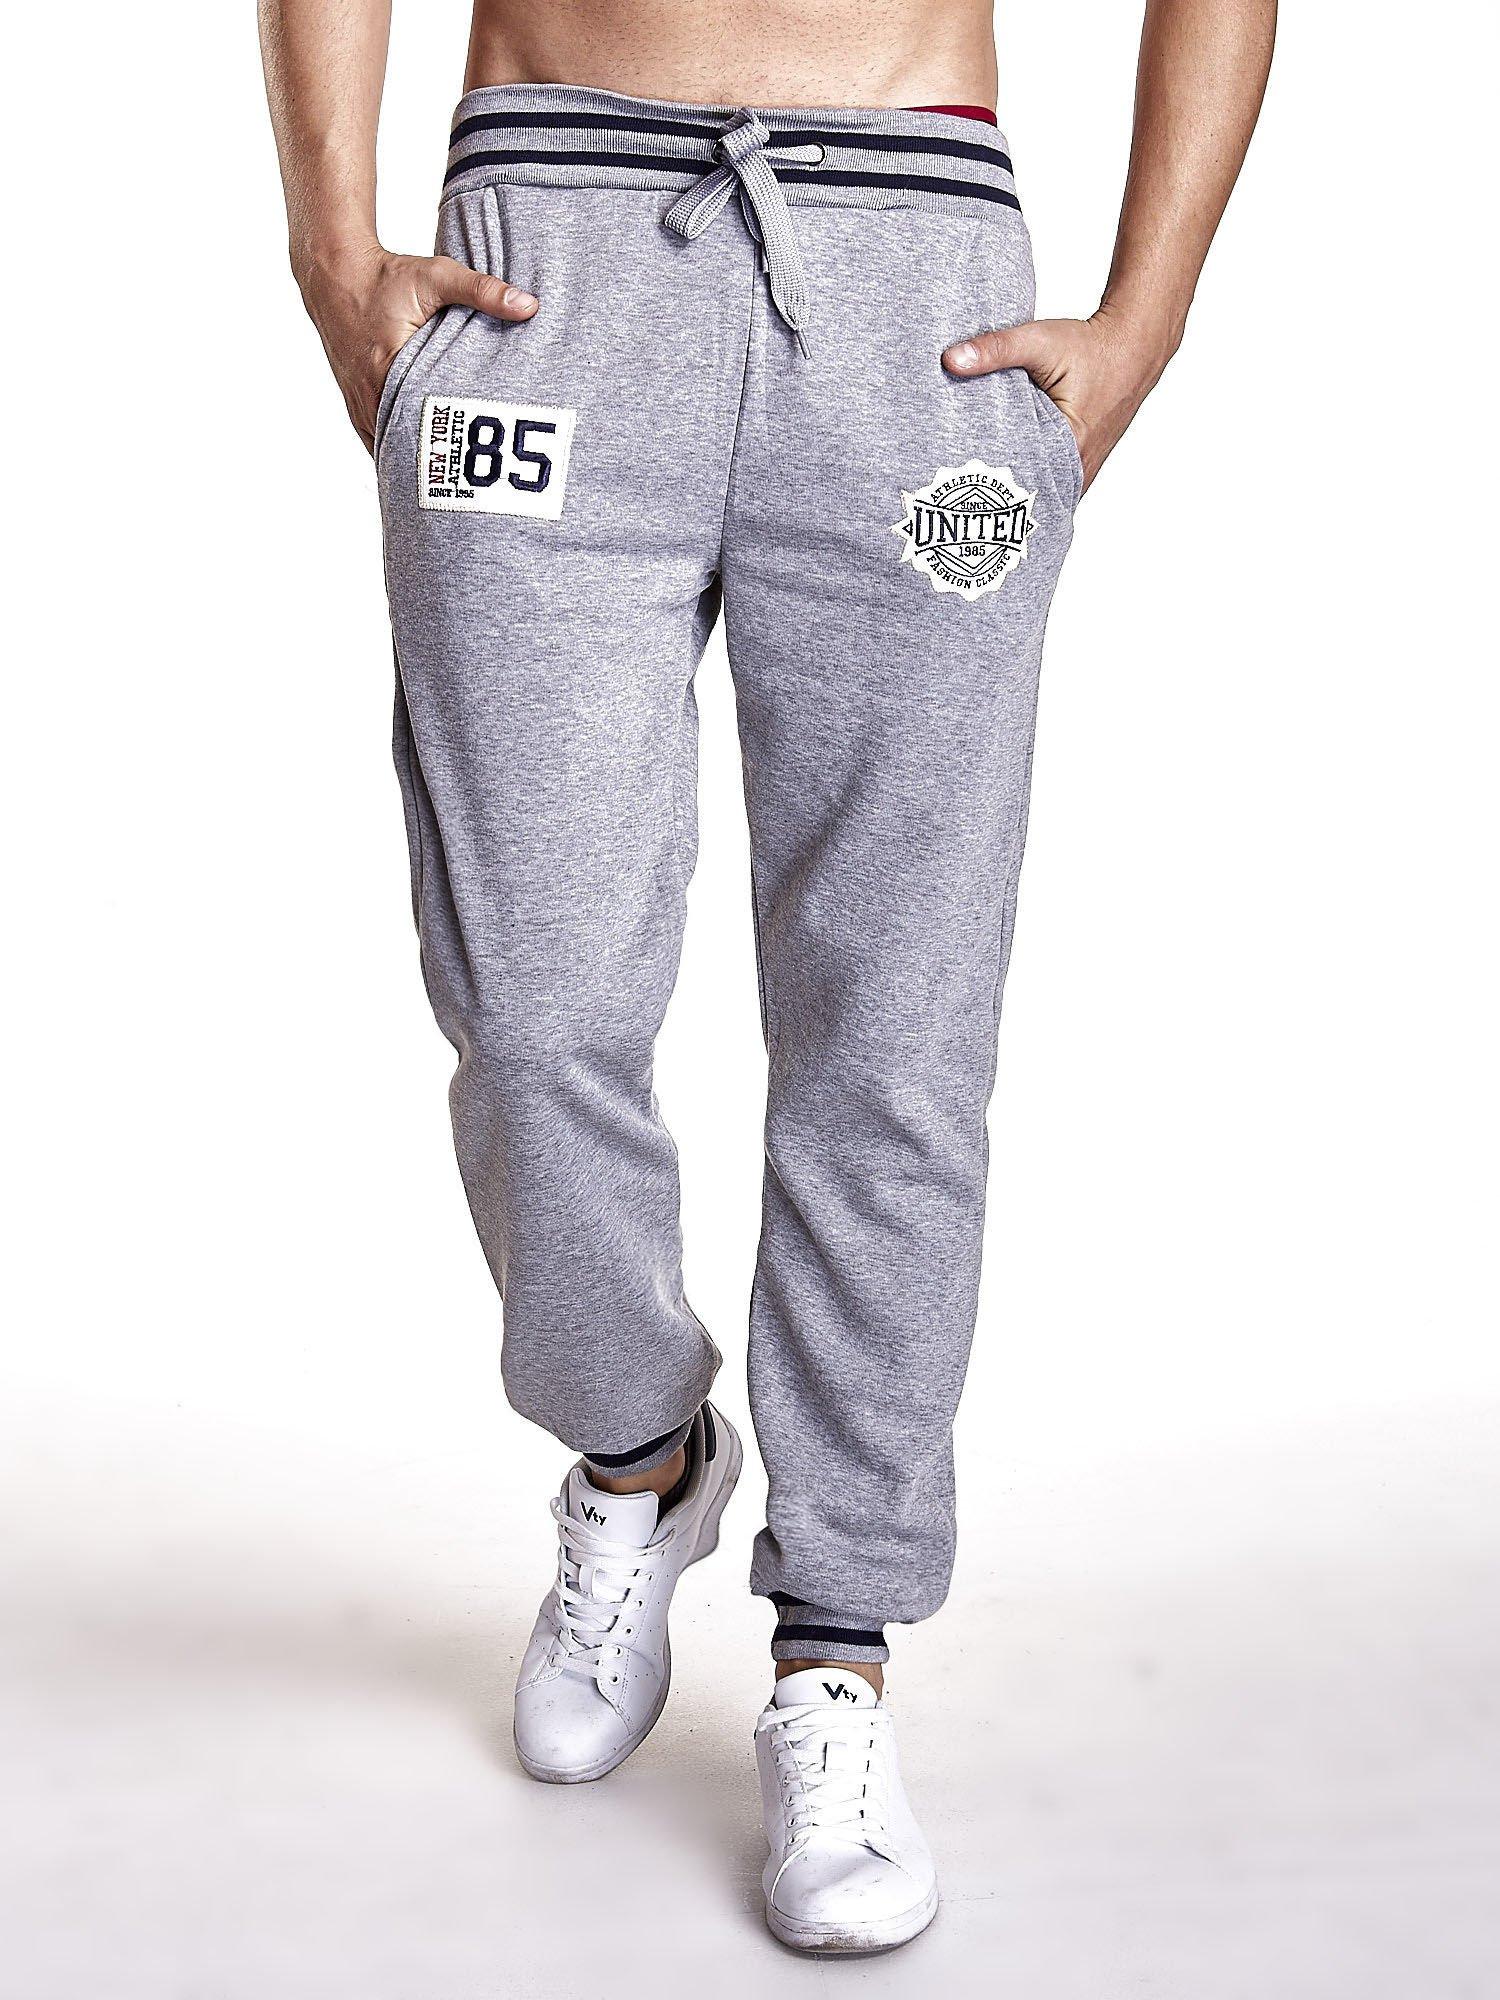 Szare dresowe spodnie męskie z naszywkami i kieszeniami                                  zdj.                                  1